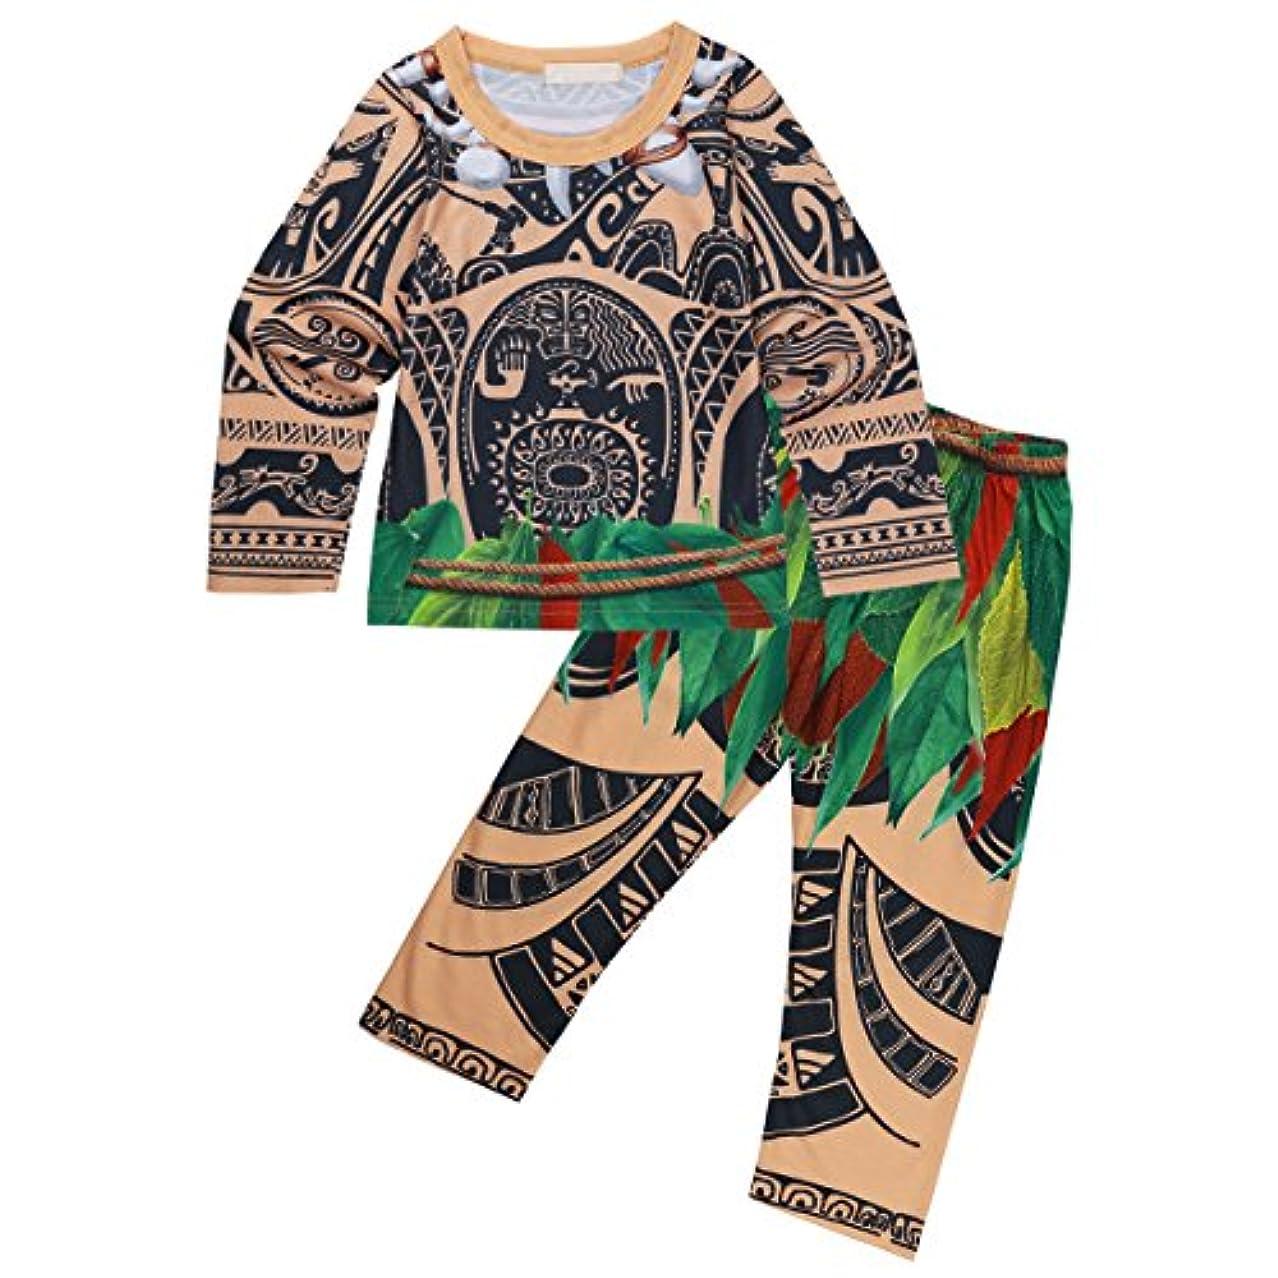 ブロックするベッド投票(ティアオバグ)TiaoBug 子供 Tシャツ ショートパンツ コスプレ衣装 コスチューム トップス ズボン 仮装 上下セット キッズパジャマ 変身 なりきり ロングパンツ ボトムズ